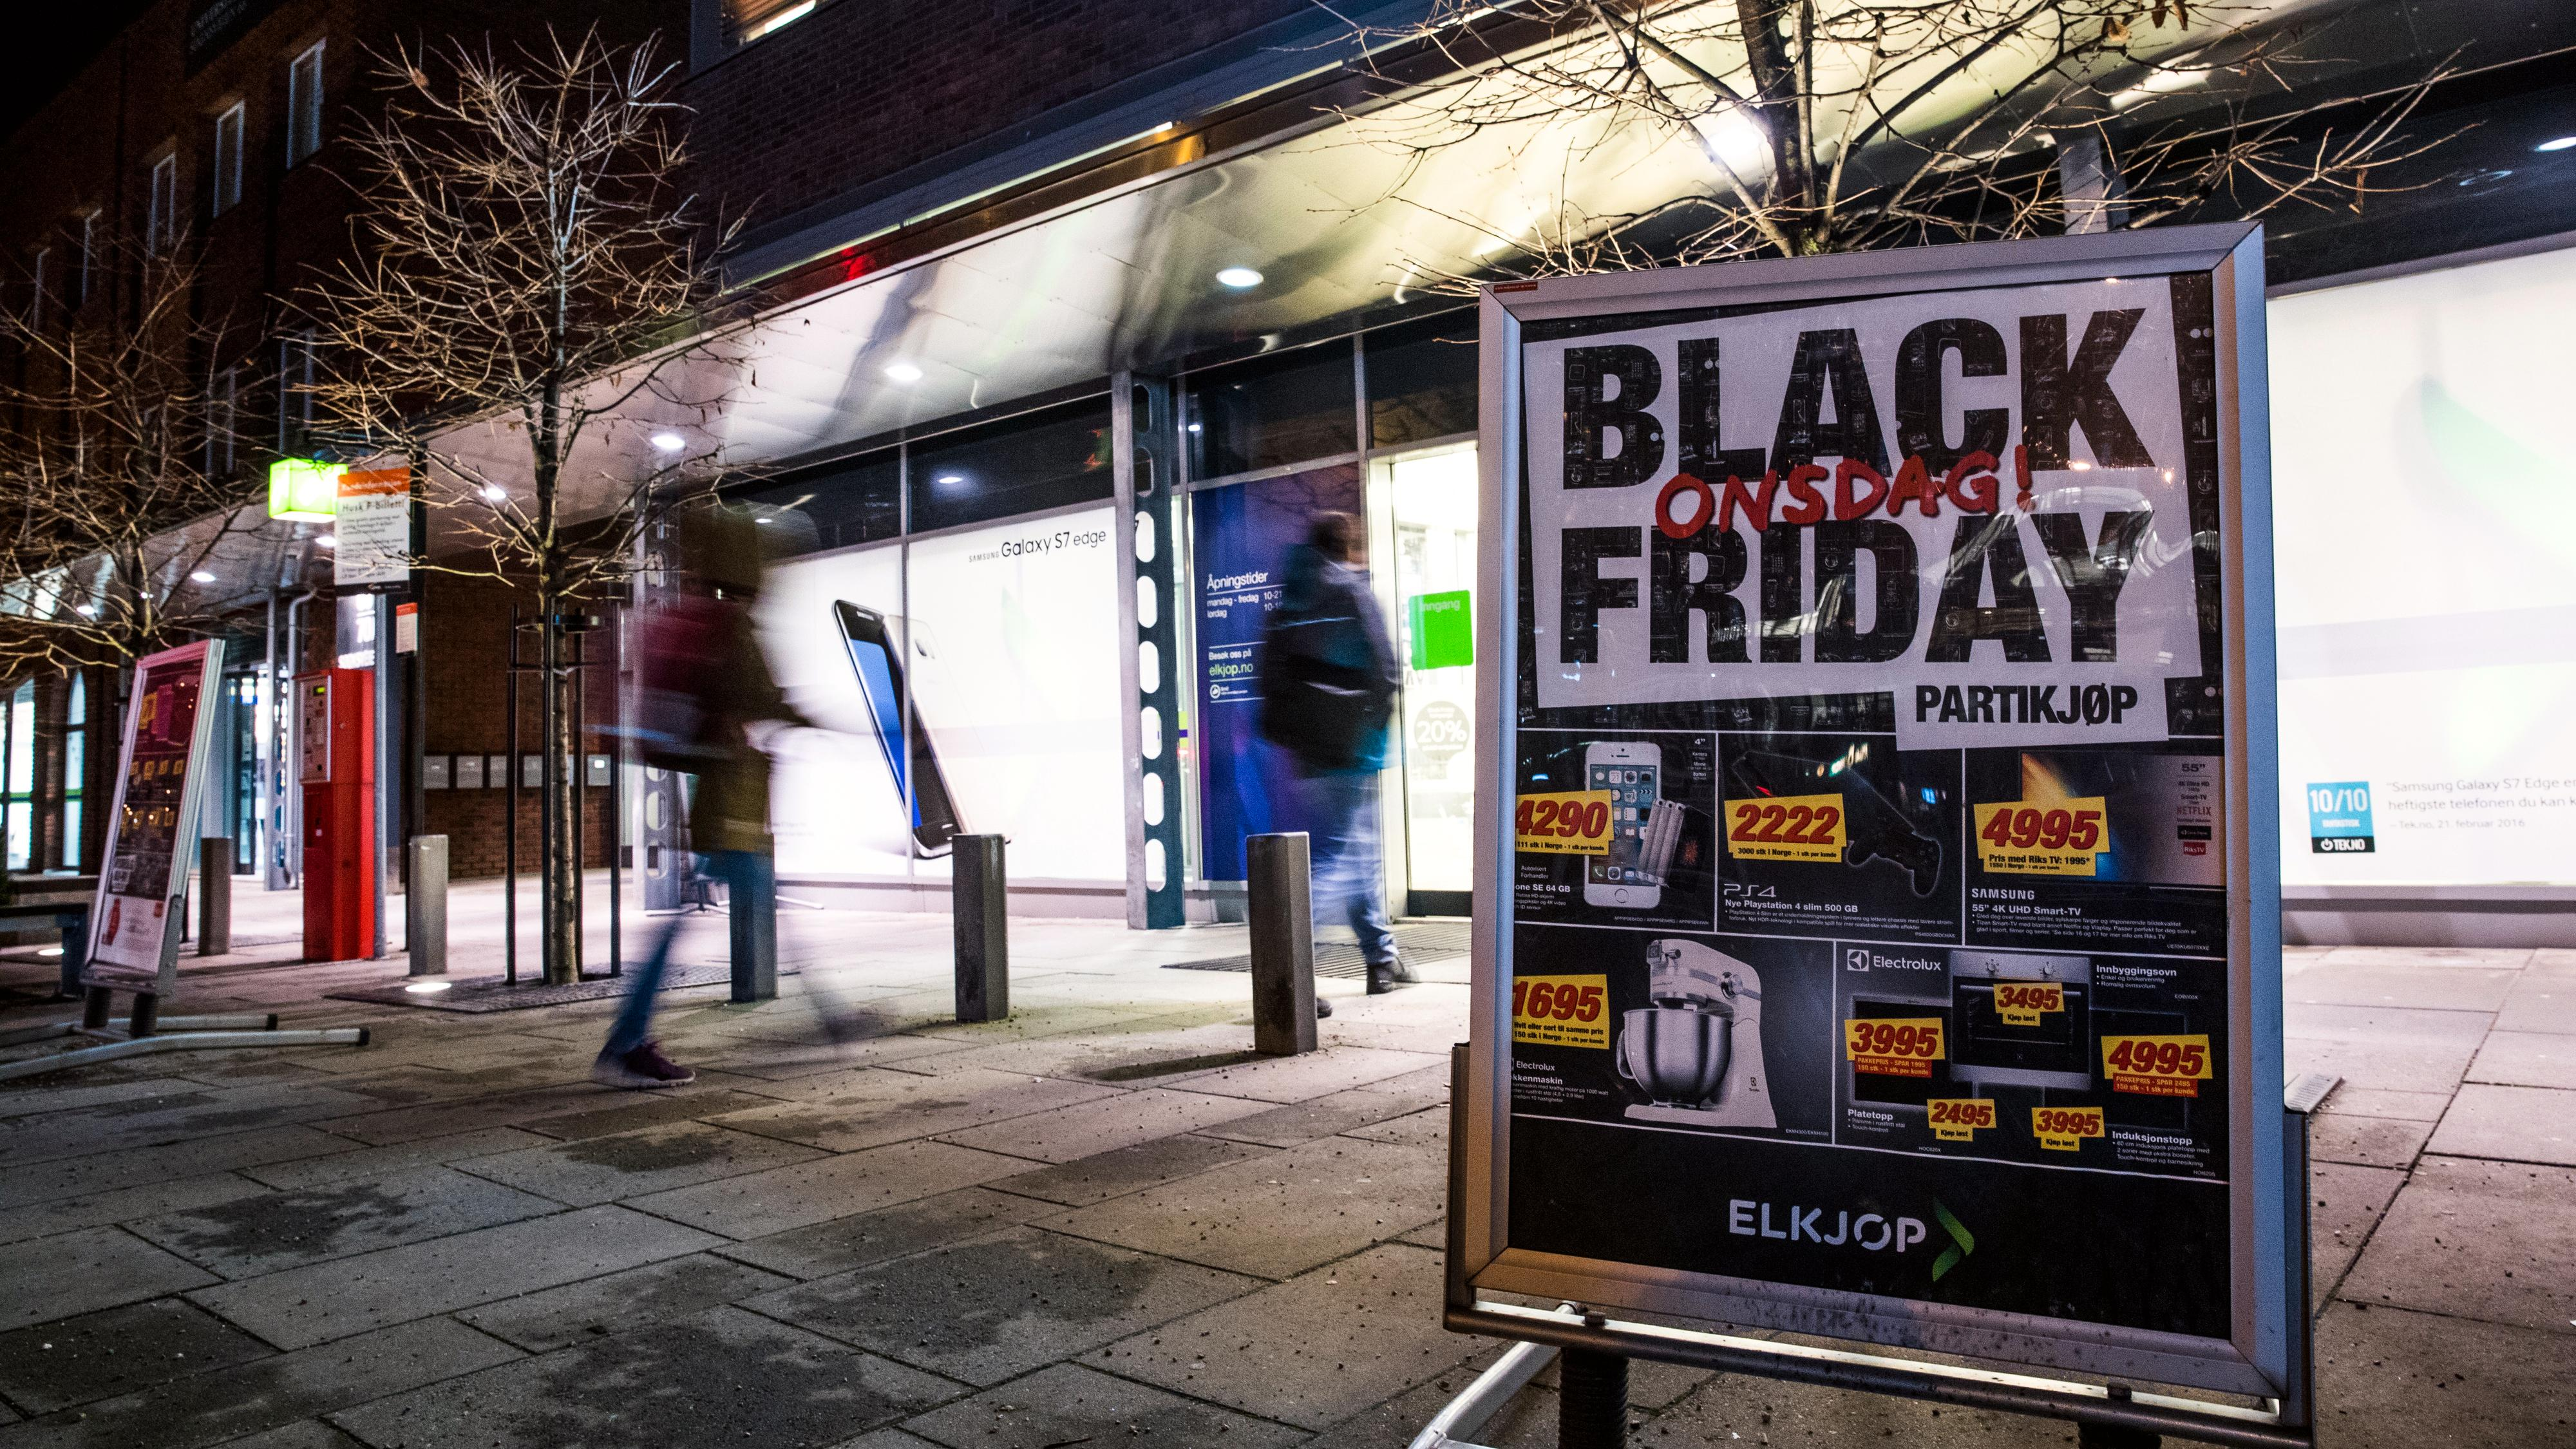 I fjor brukte norske shoppere 2,5 millioner kroner i minuttet på Black Friday. I år blir det enda mer.